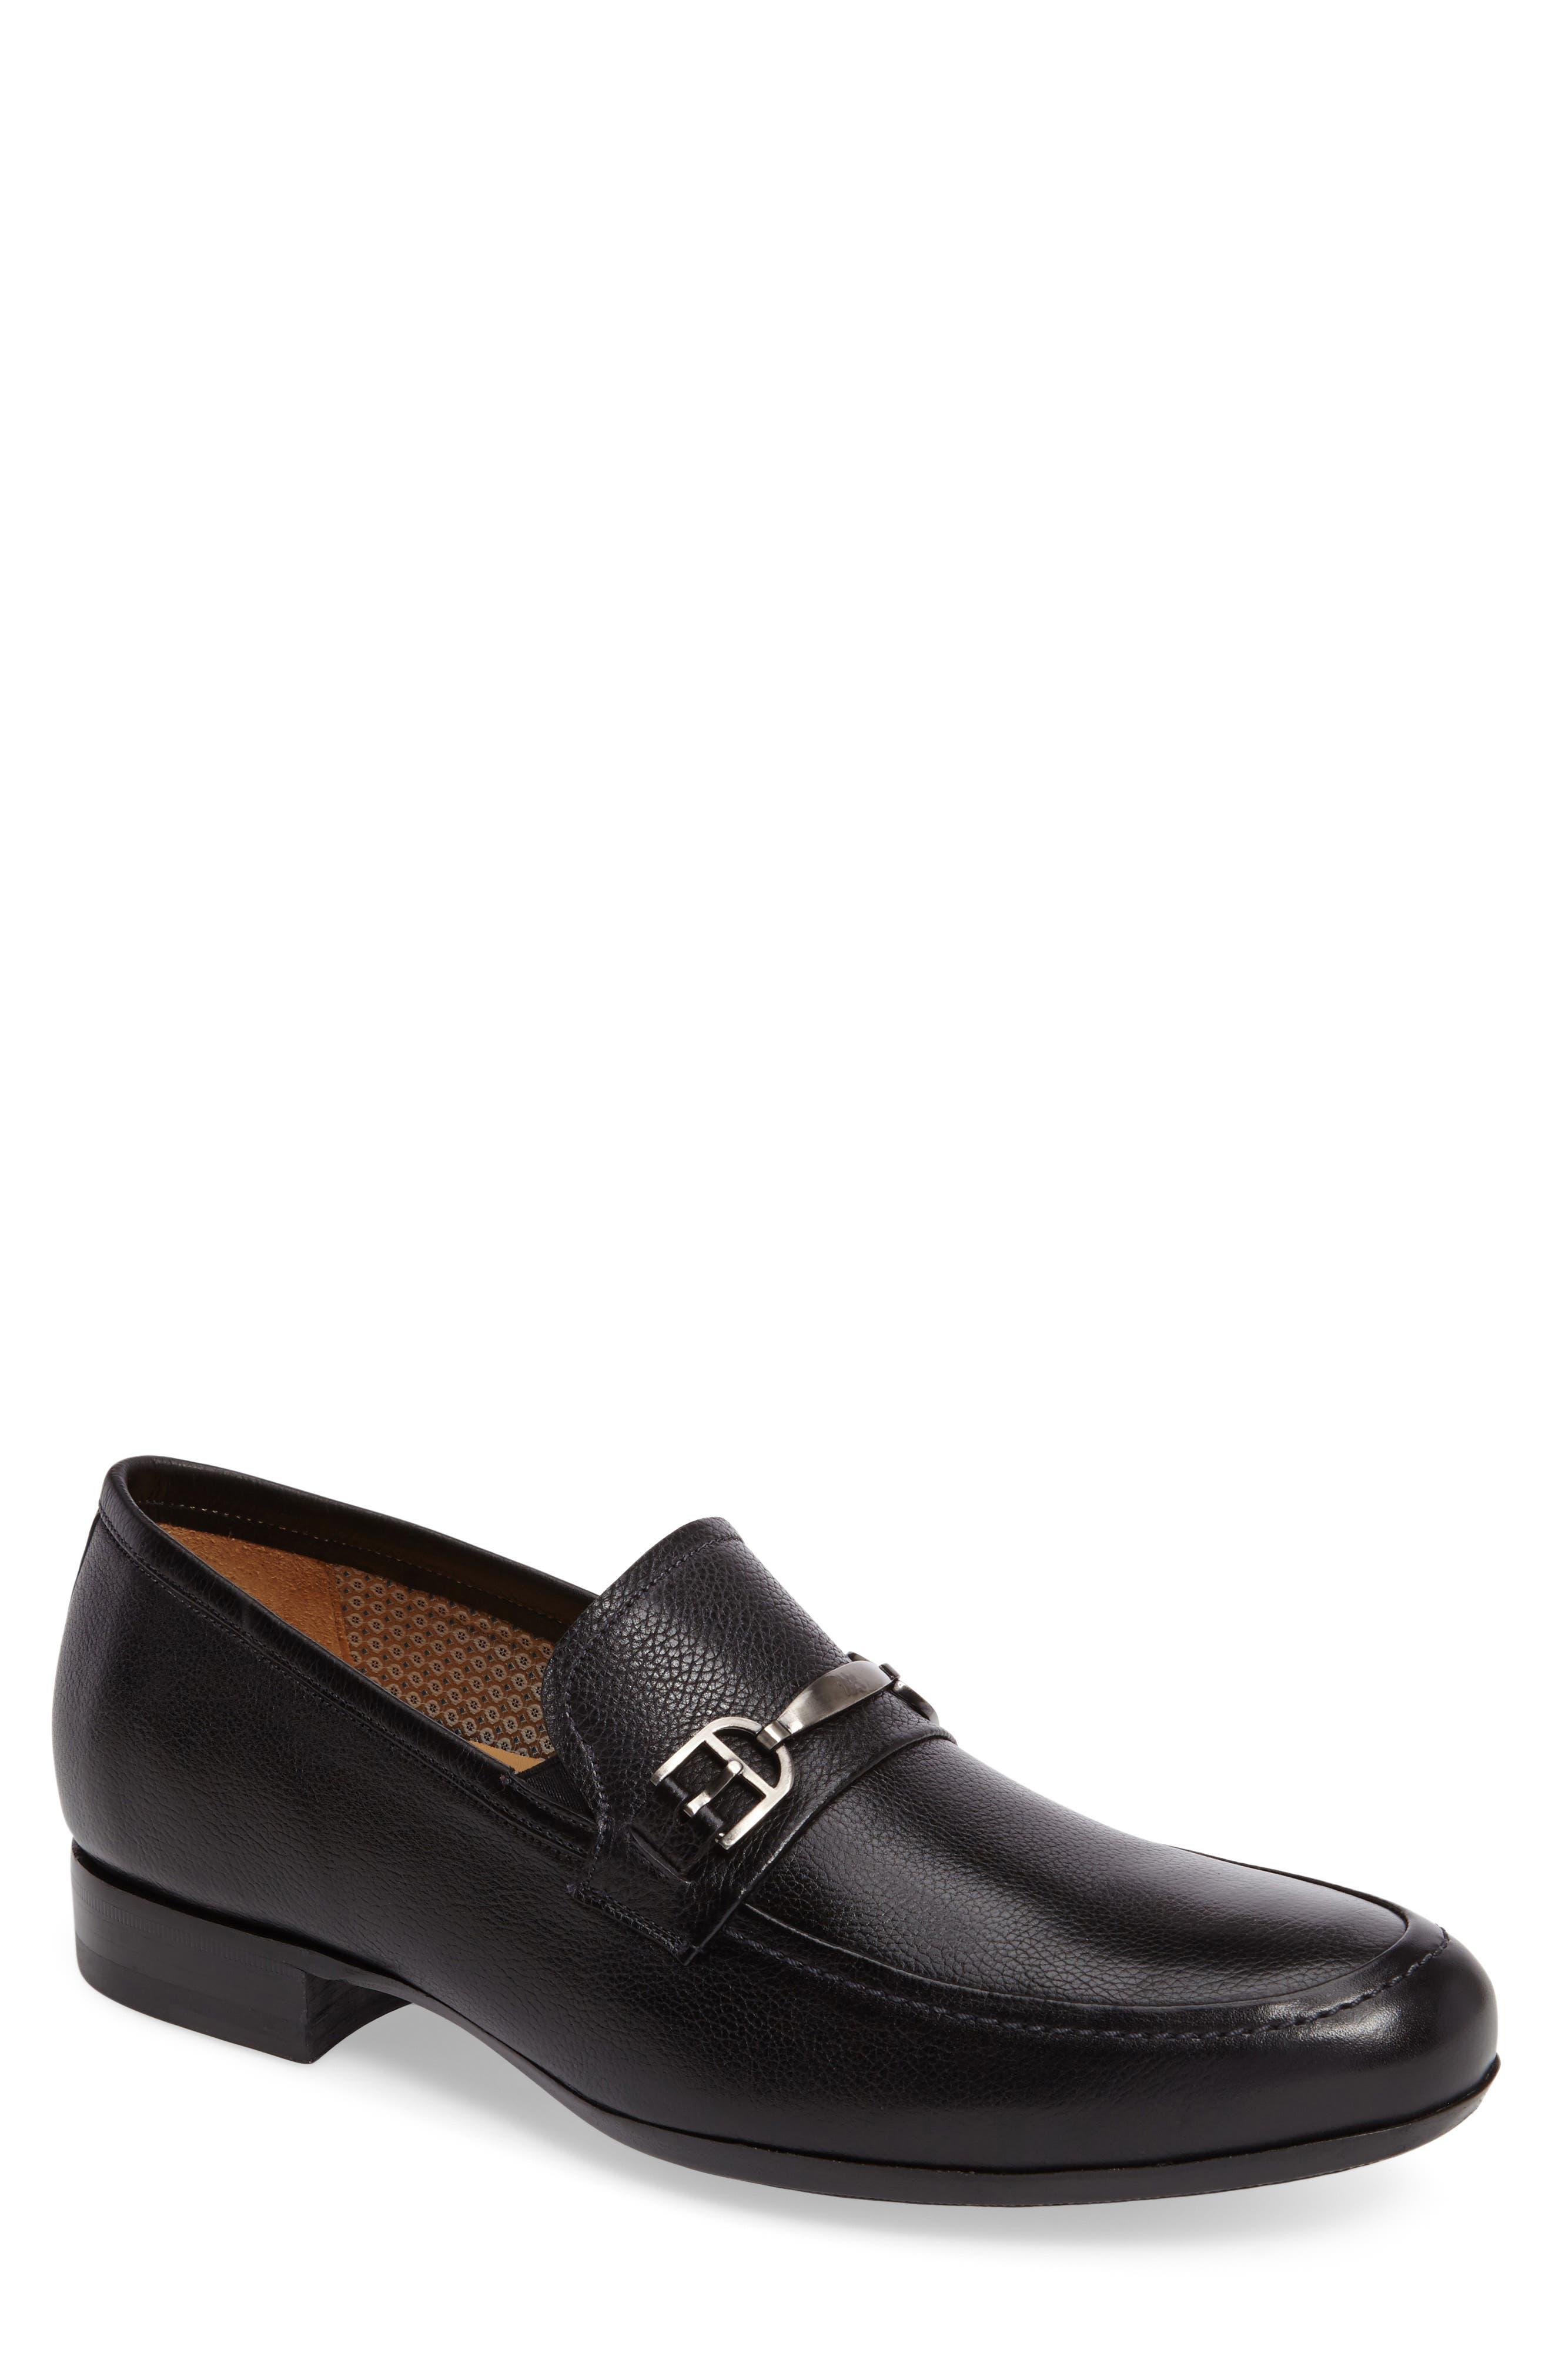 Binet Bit Loafer,                         Main,                         color, Black Leather